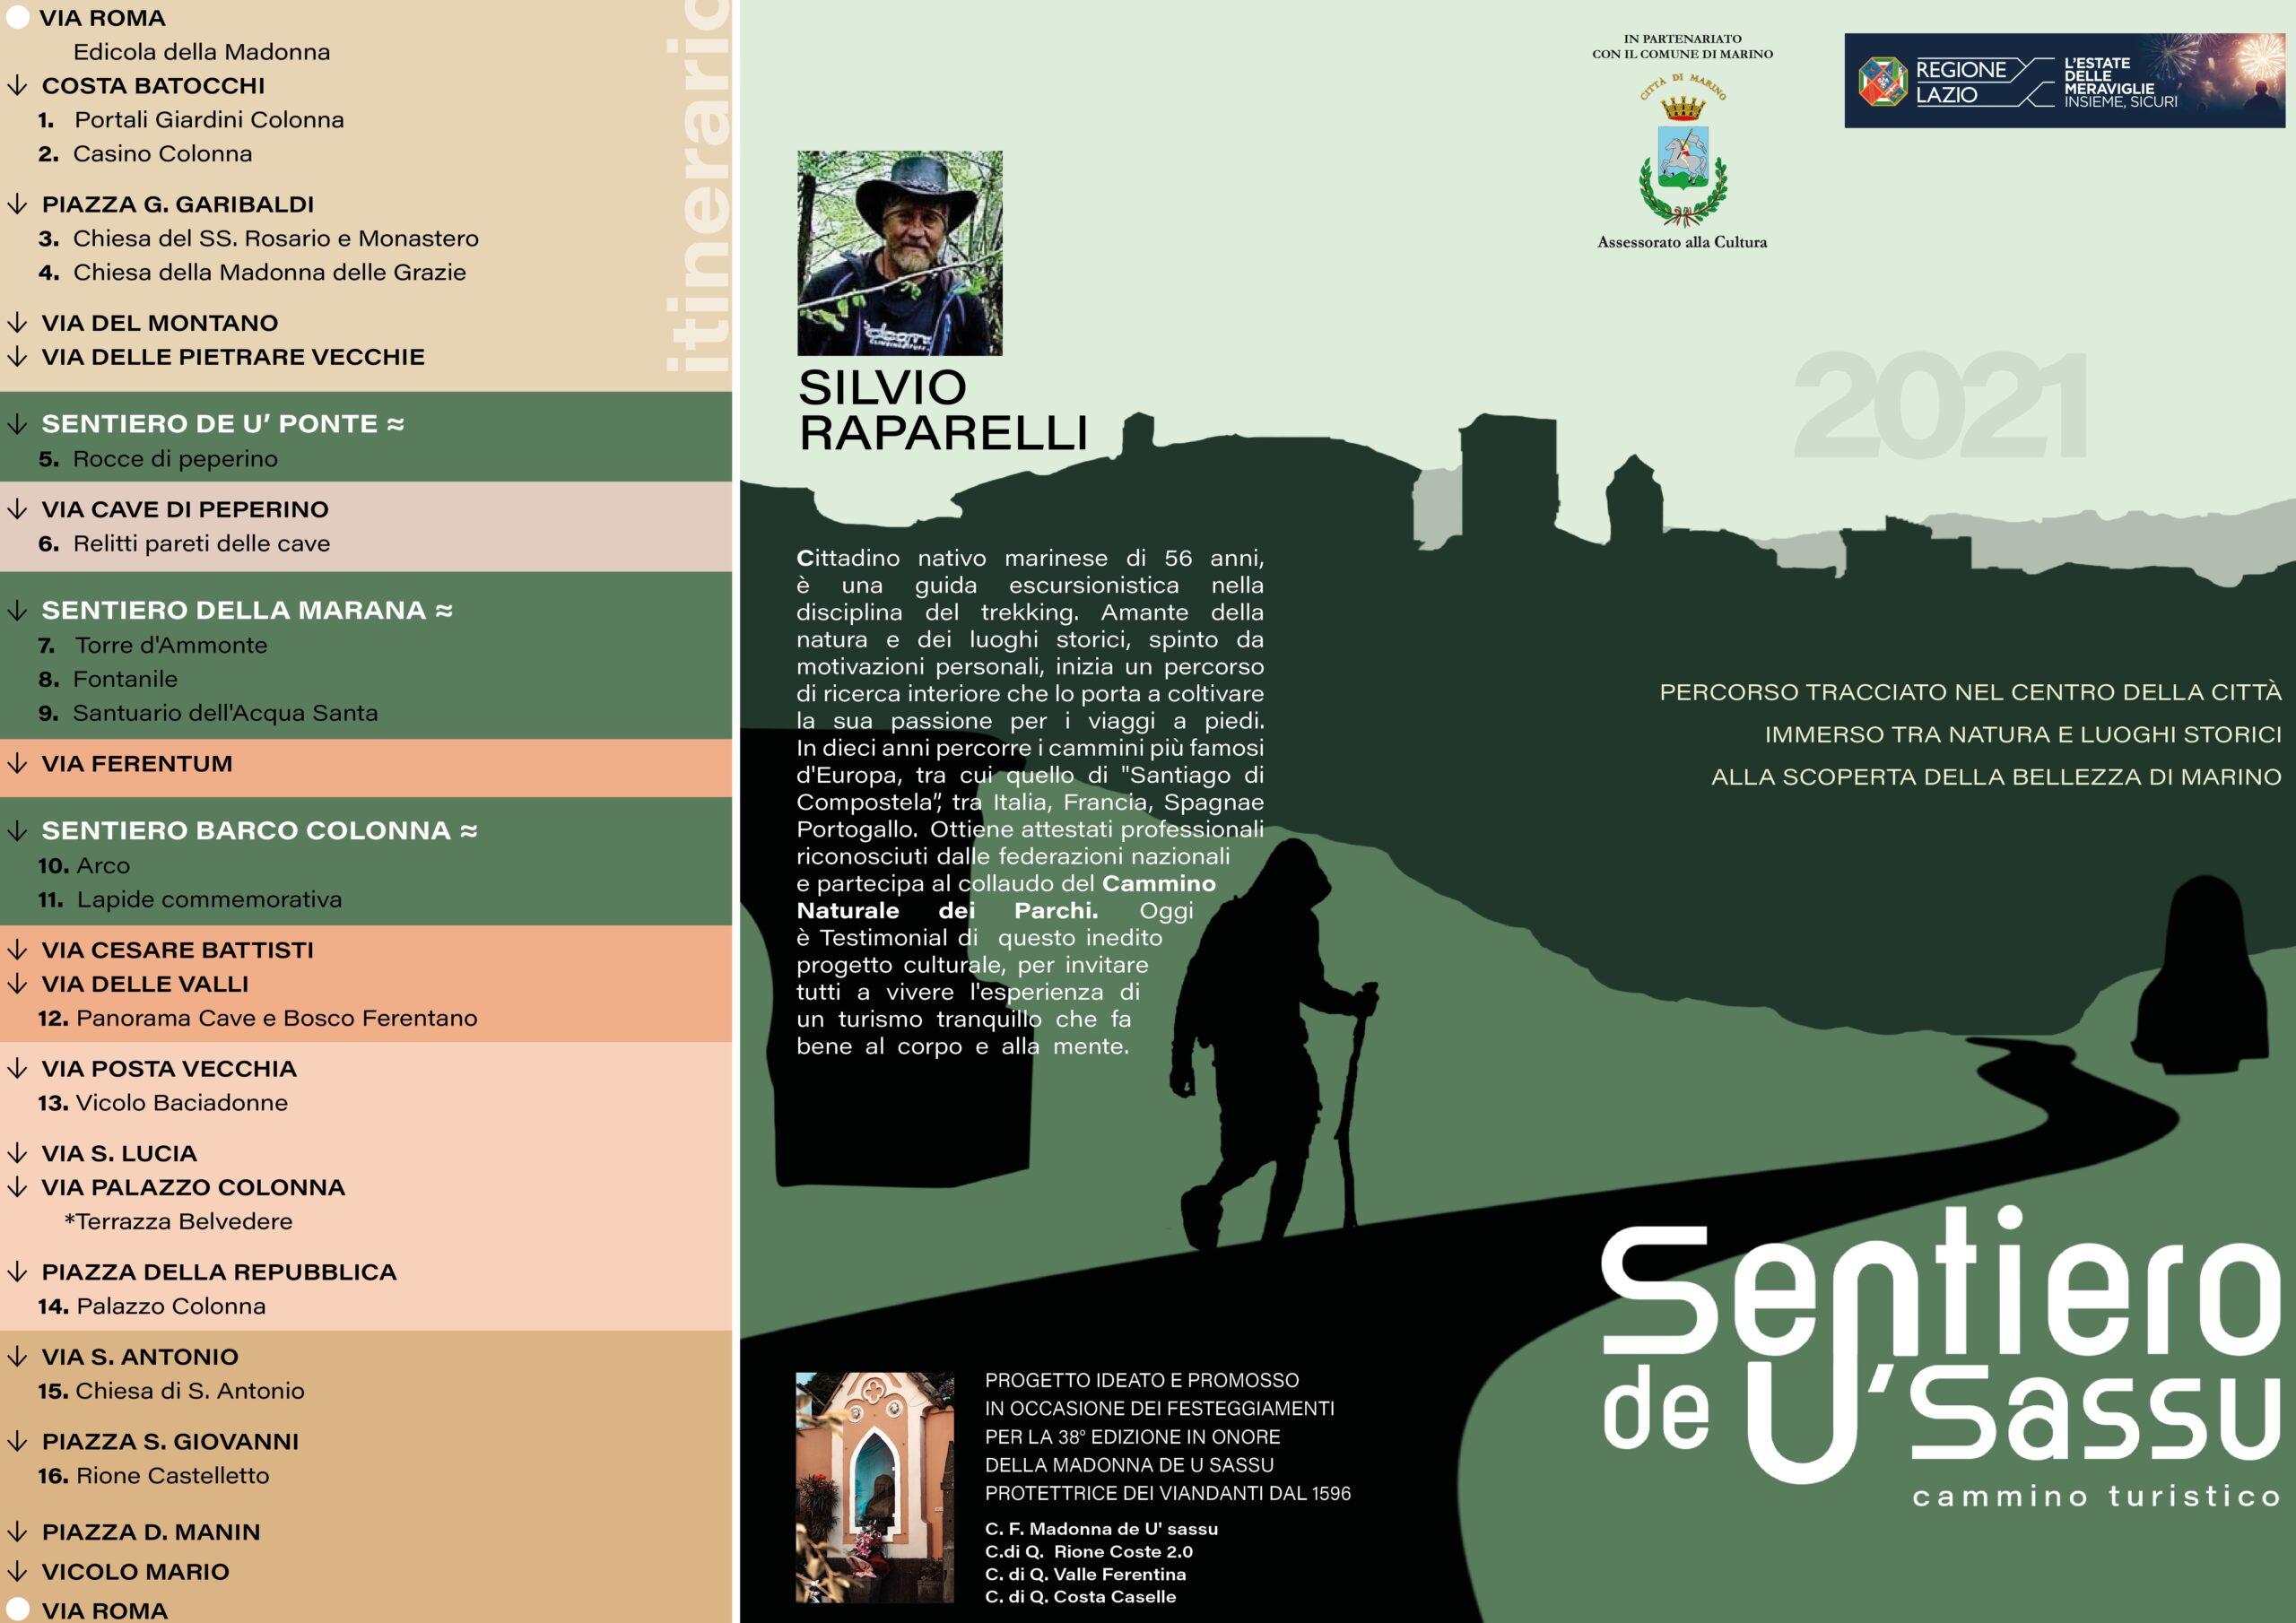 Marino, nasce il Sentiero de U' Sassu 4 km immersi tra natura e luoghi storici